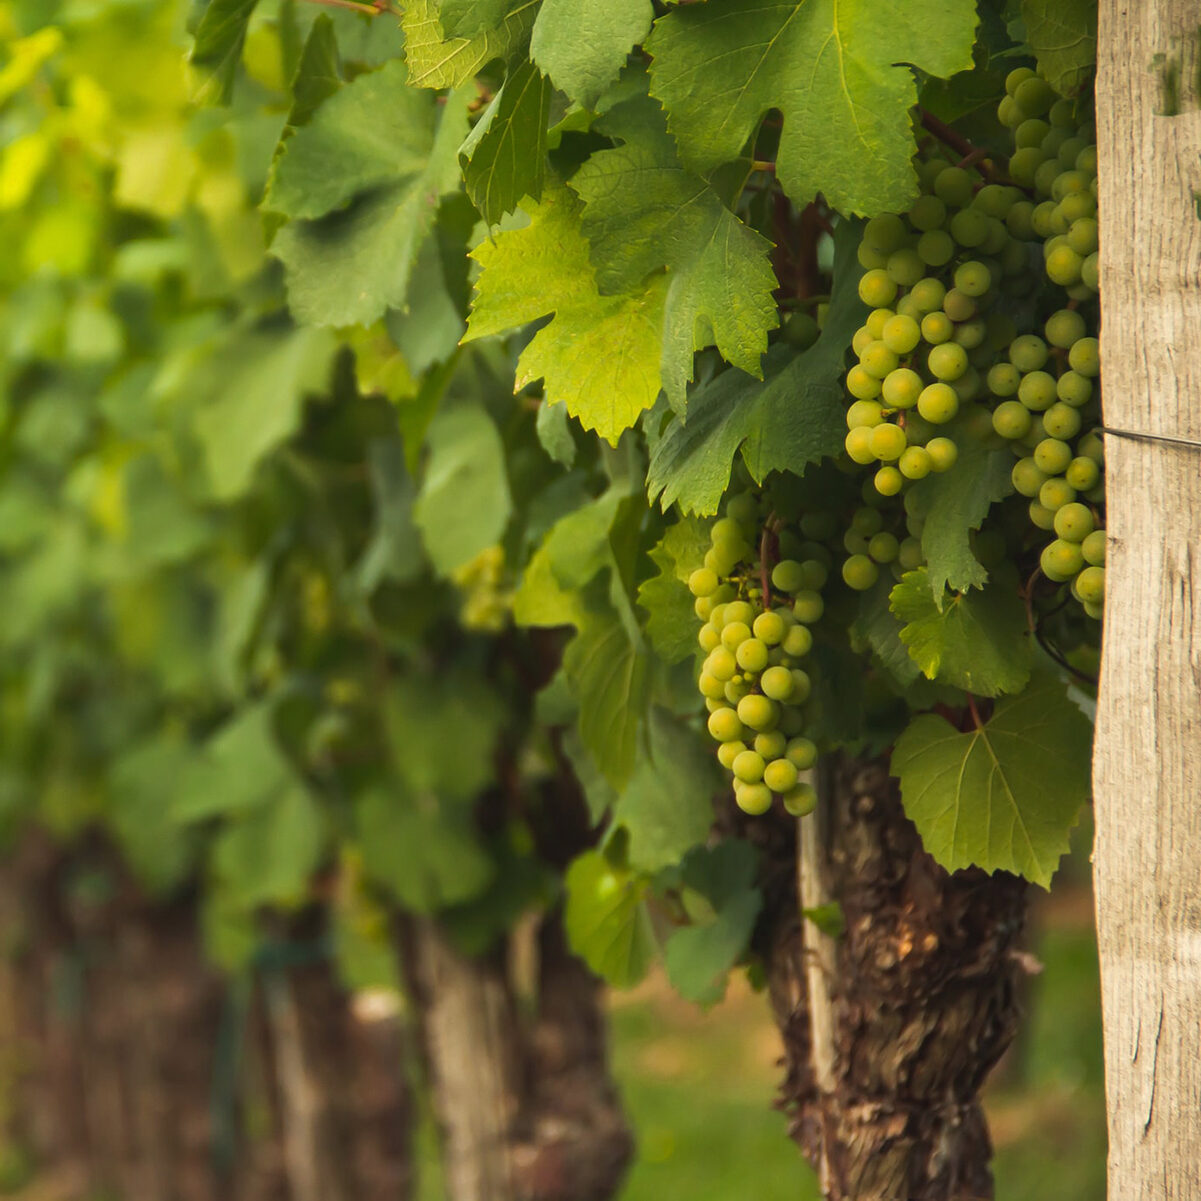 Cap_Andritxol_onehalf_green-grapes